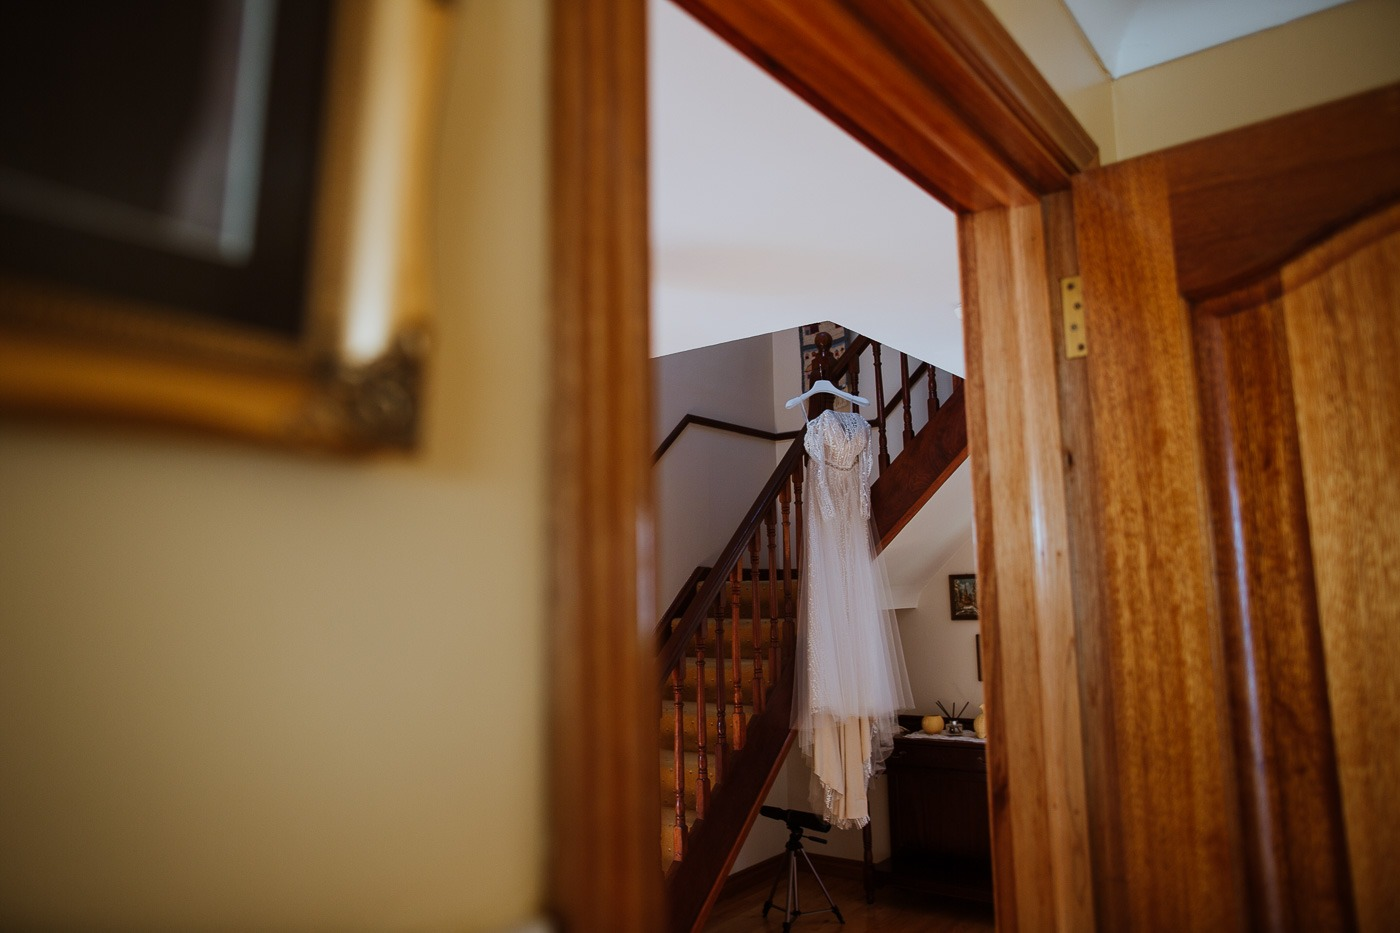 A wooden door in a room